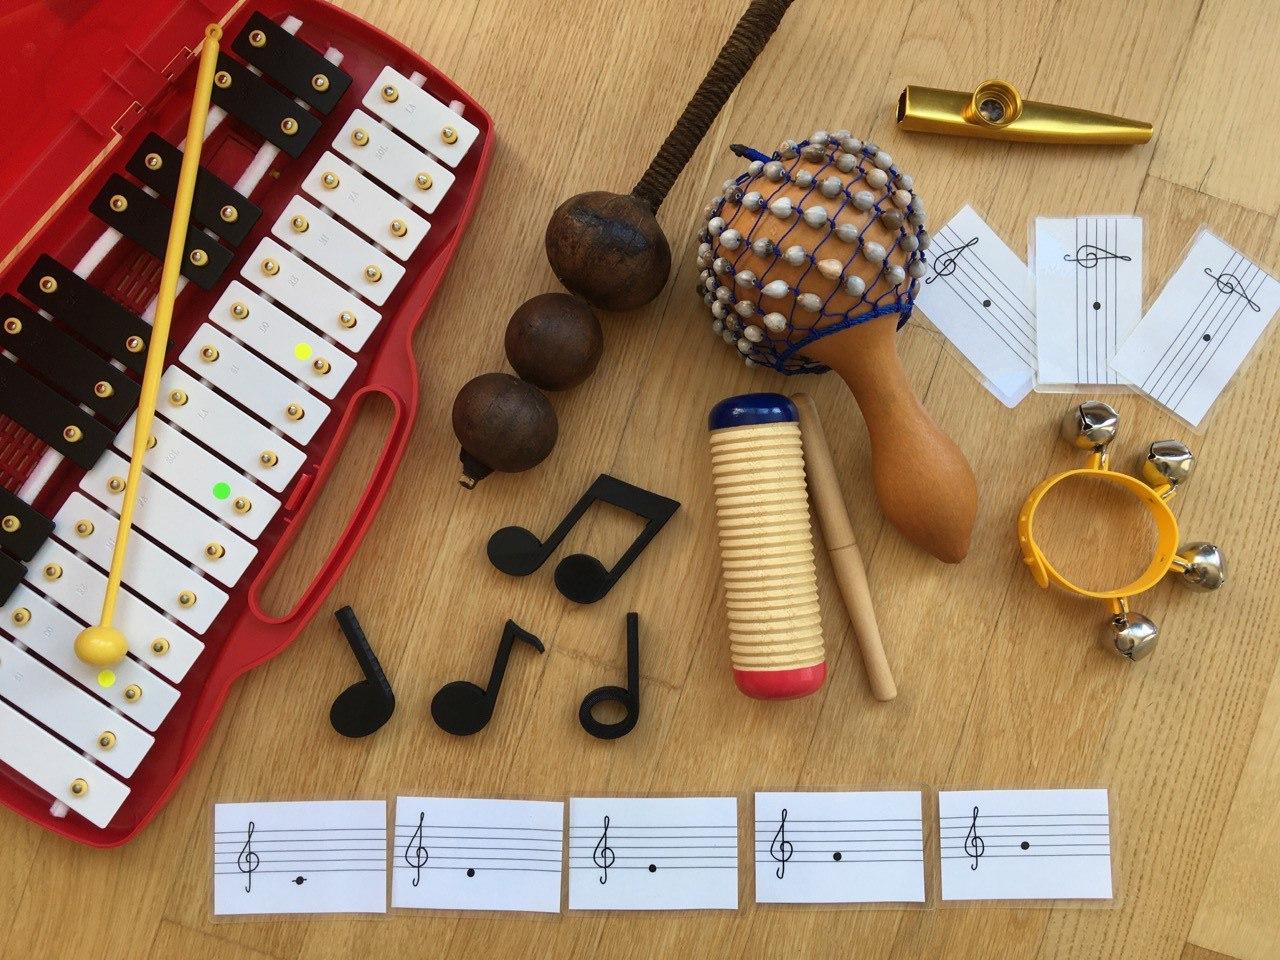 Nouveaux cours d'initiation musicale Jaques-Dalcroze